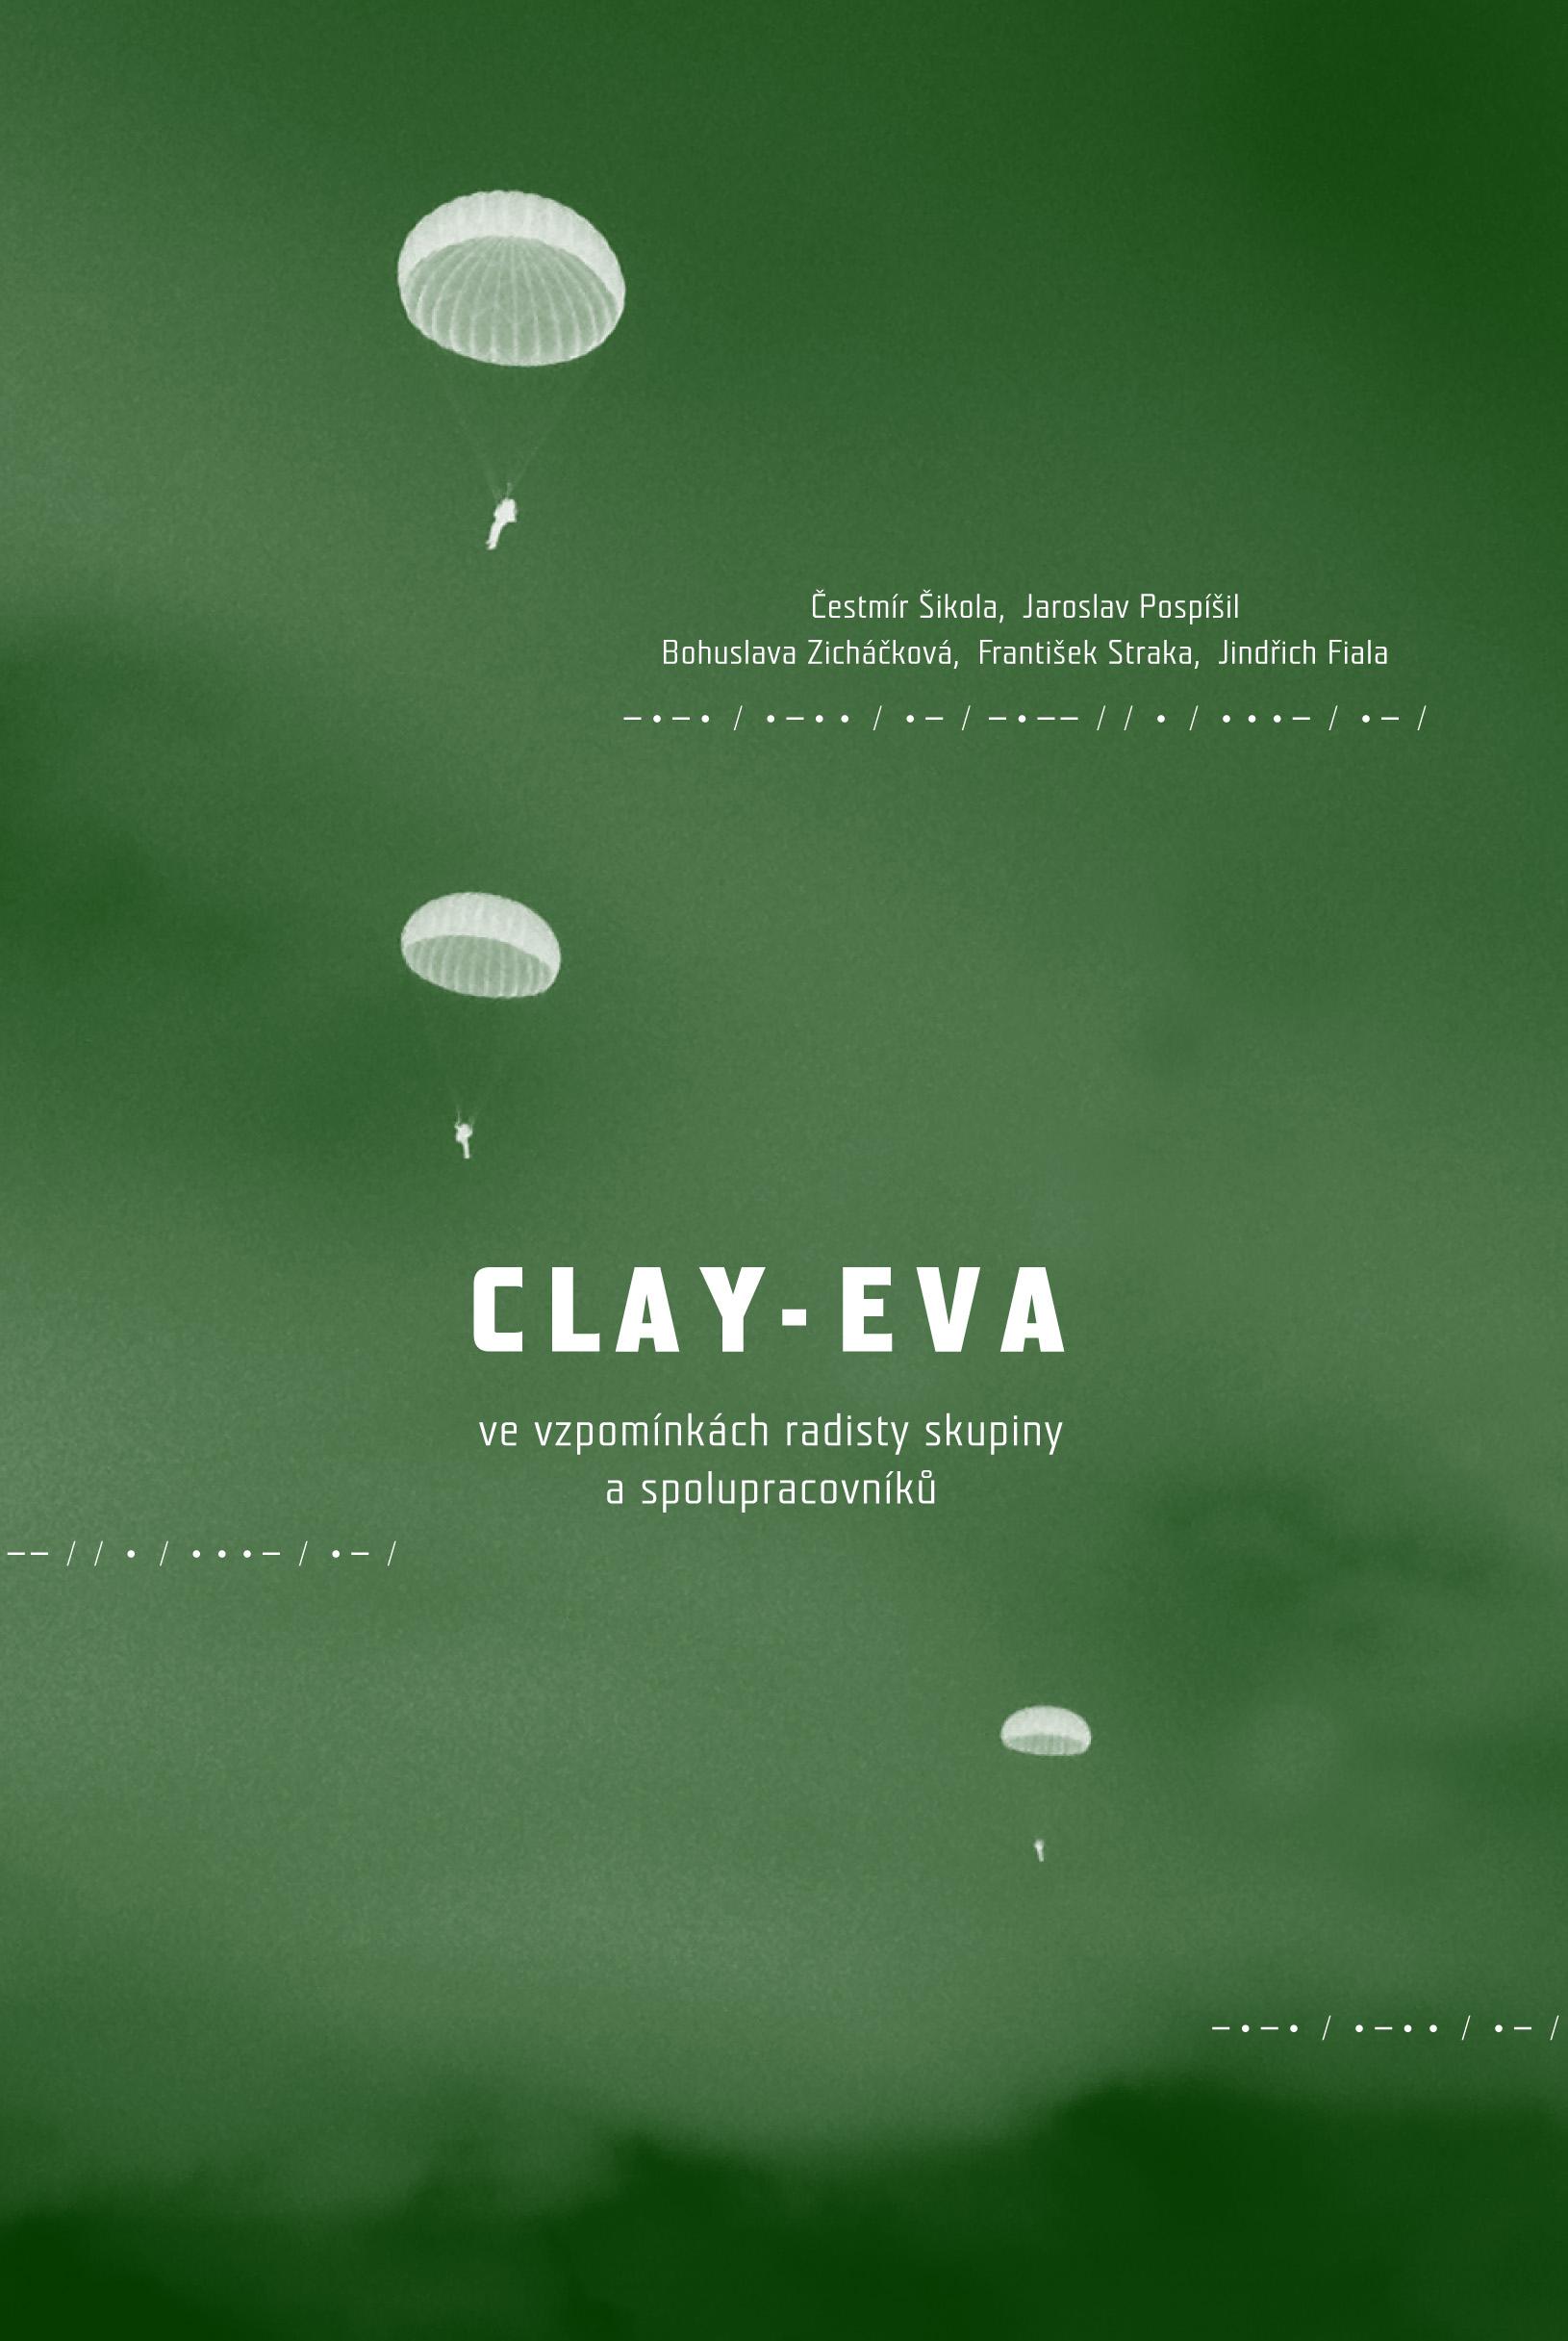 Clay-Eva - Ve vzpomínkách radisty skupiny a spolupracovníků